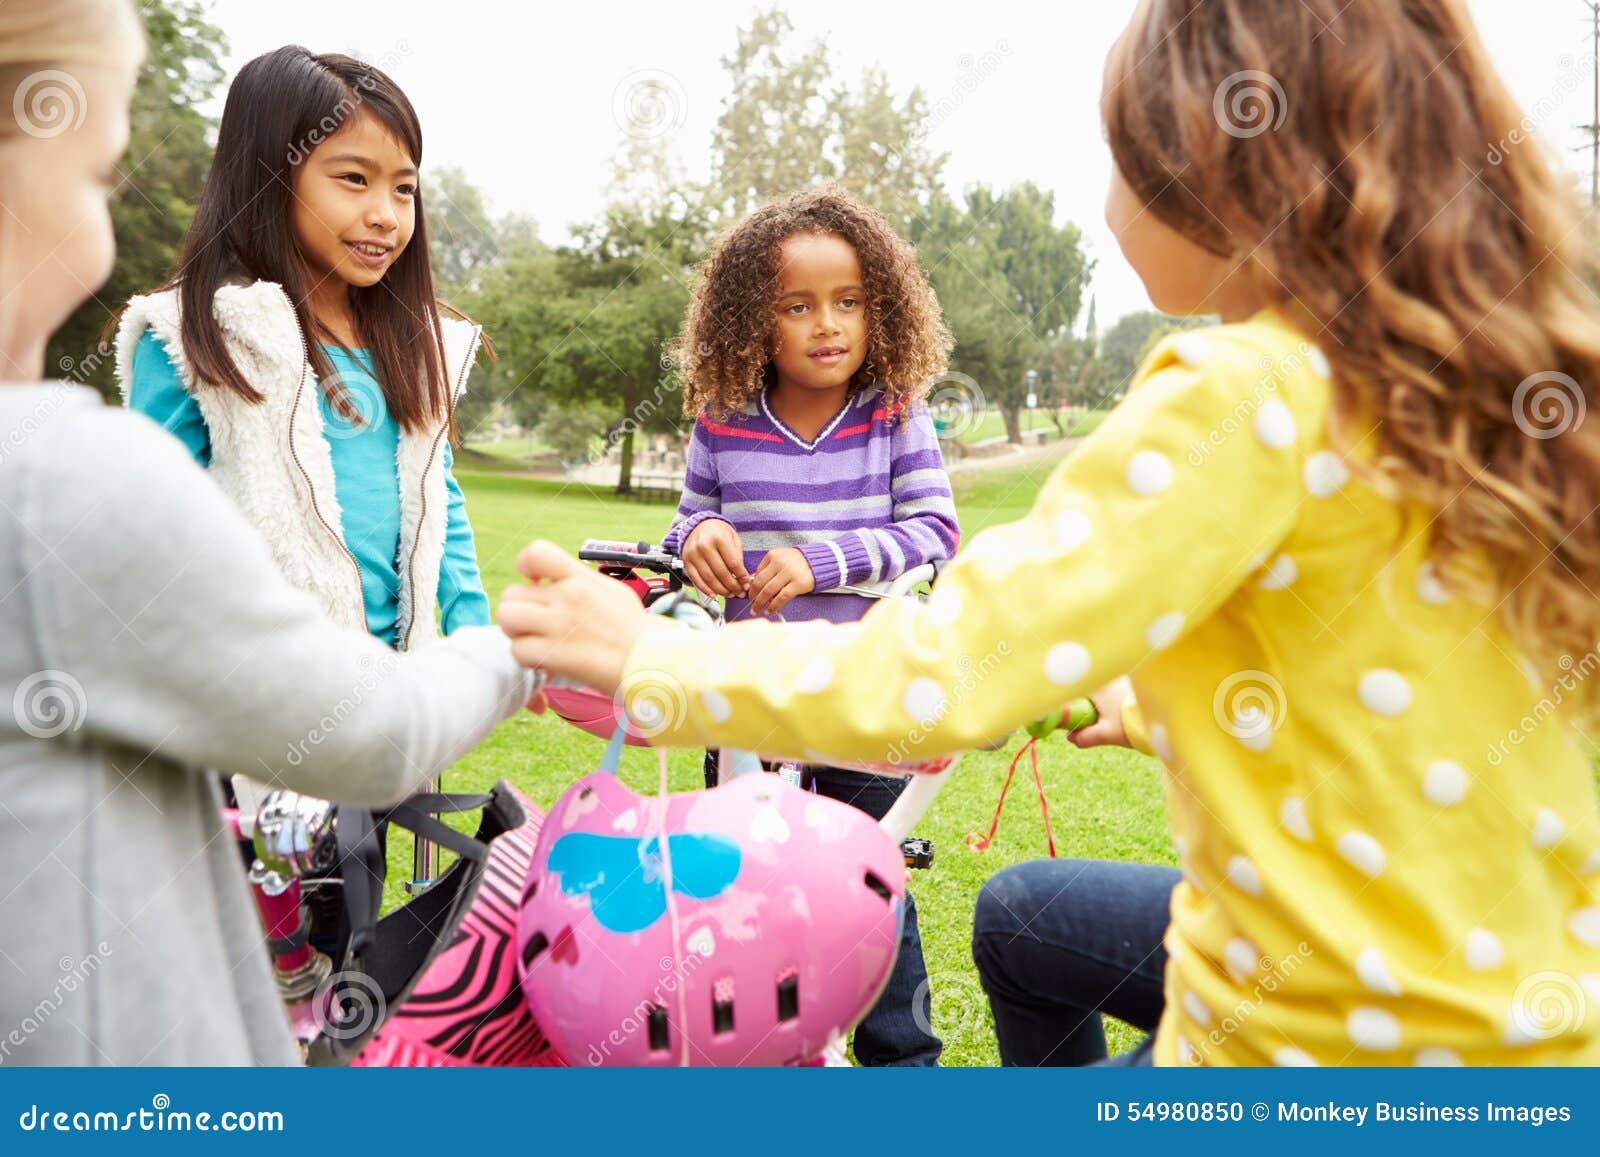 Gruppen av unga flickor med cyklar parkerar in